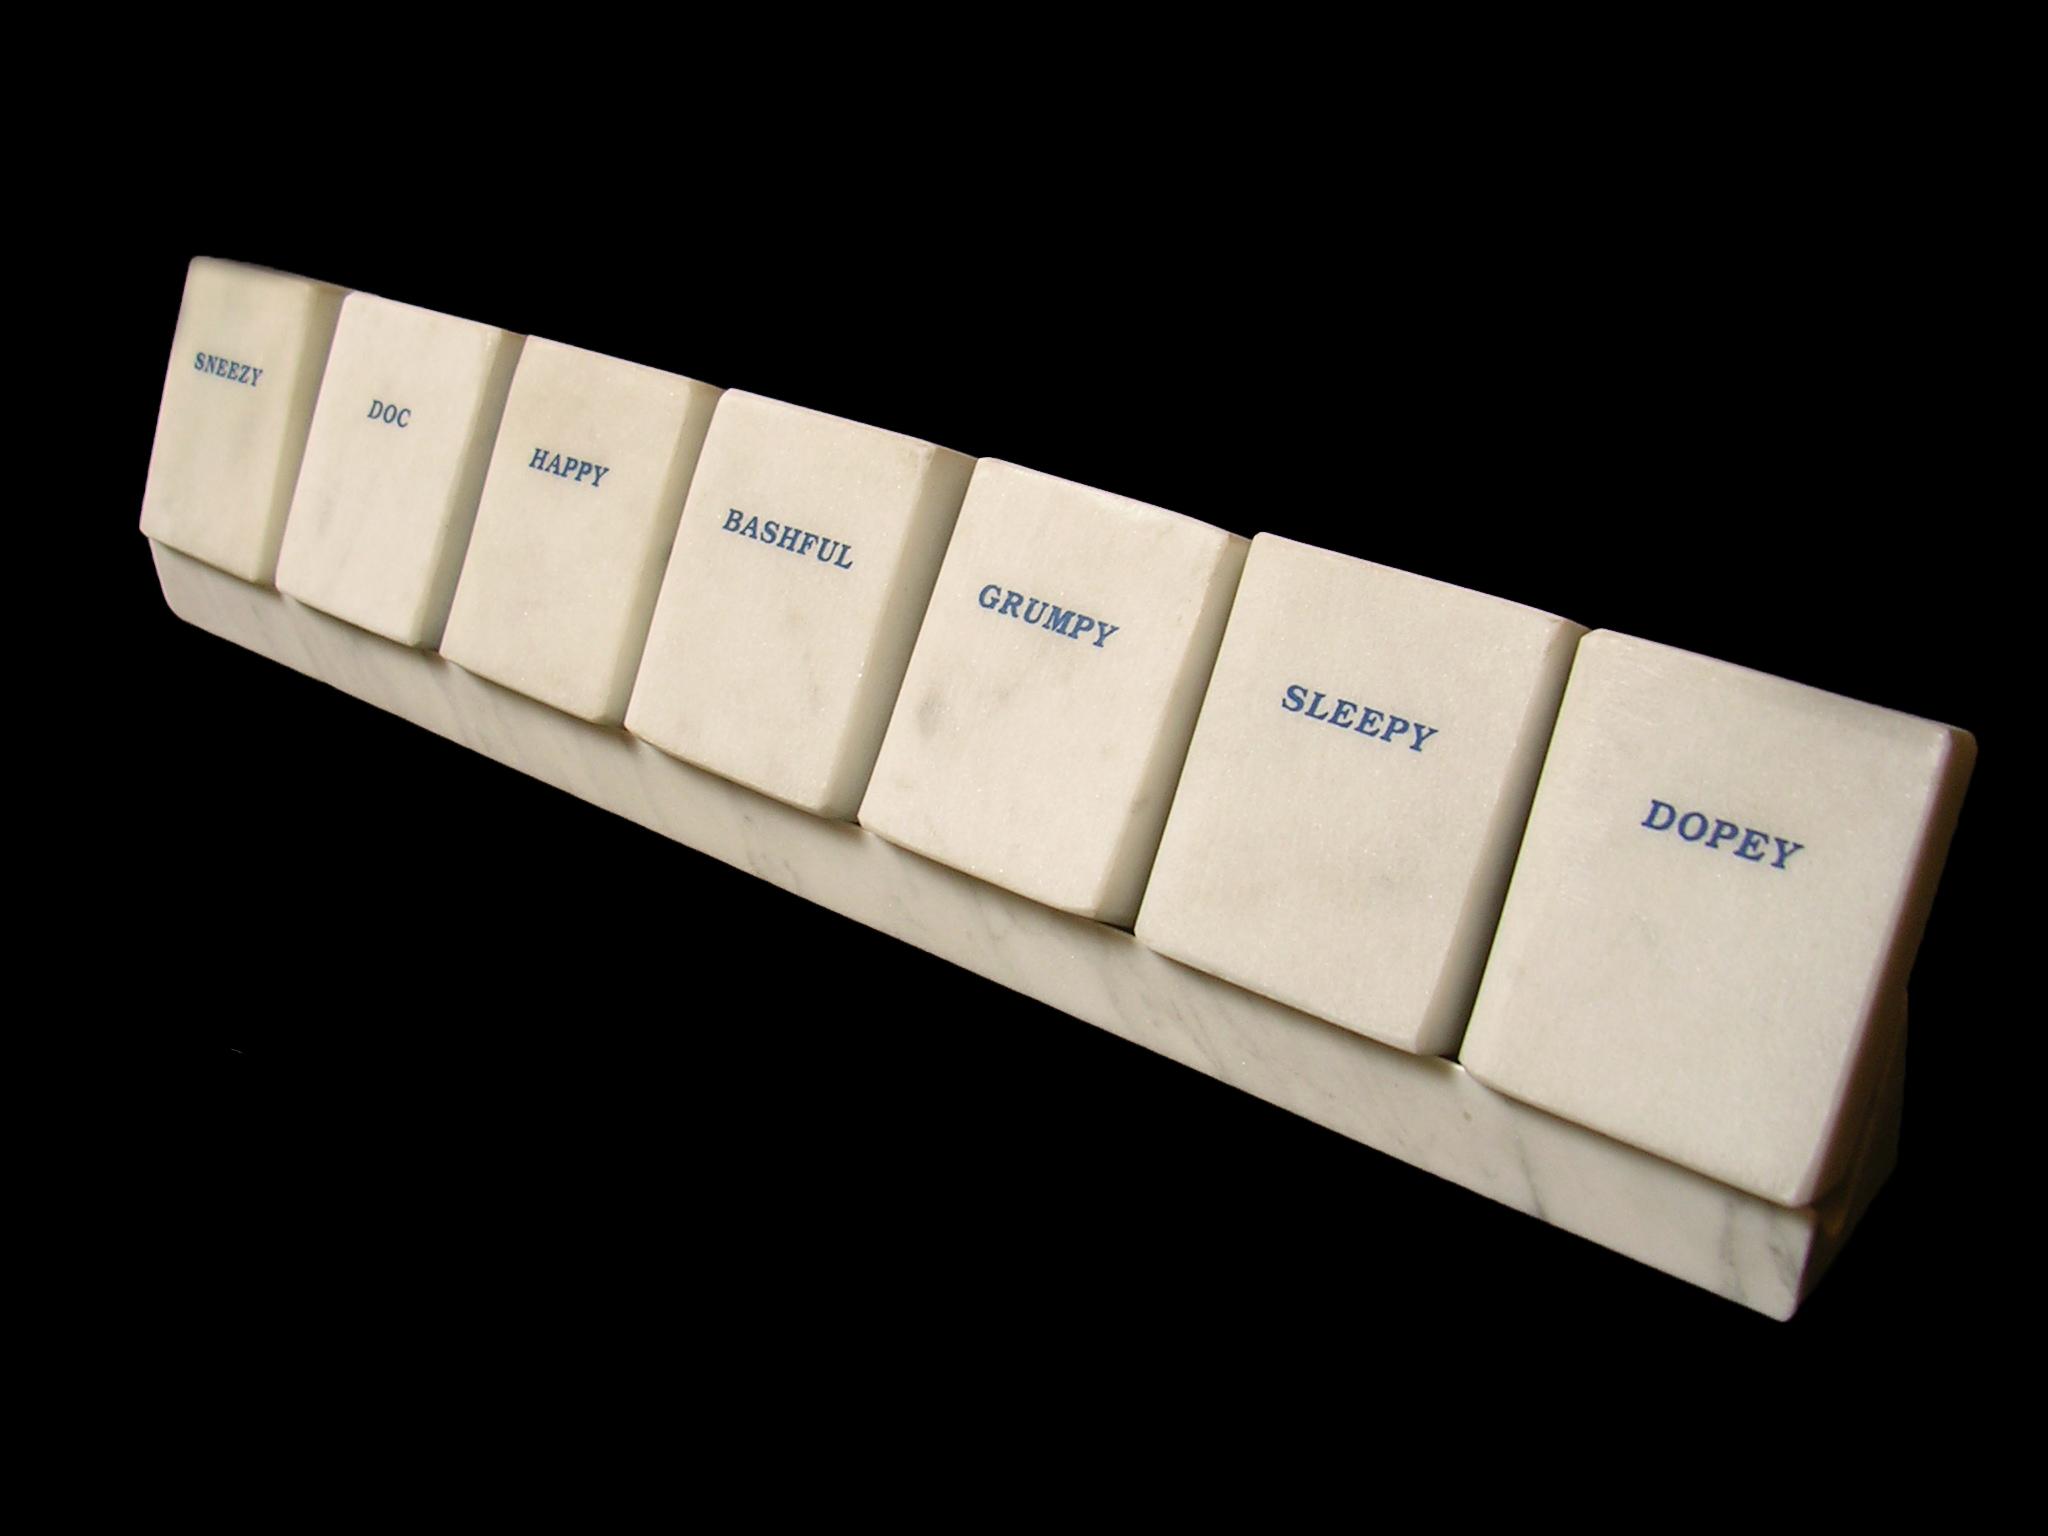 Los siete enanitos, siete libros en mármol de Carrara blanco 5 cm x 3 cm x 1,5 cm cada uno, 1984